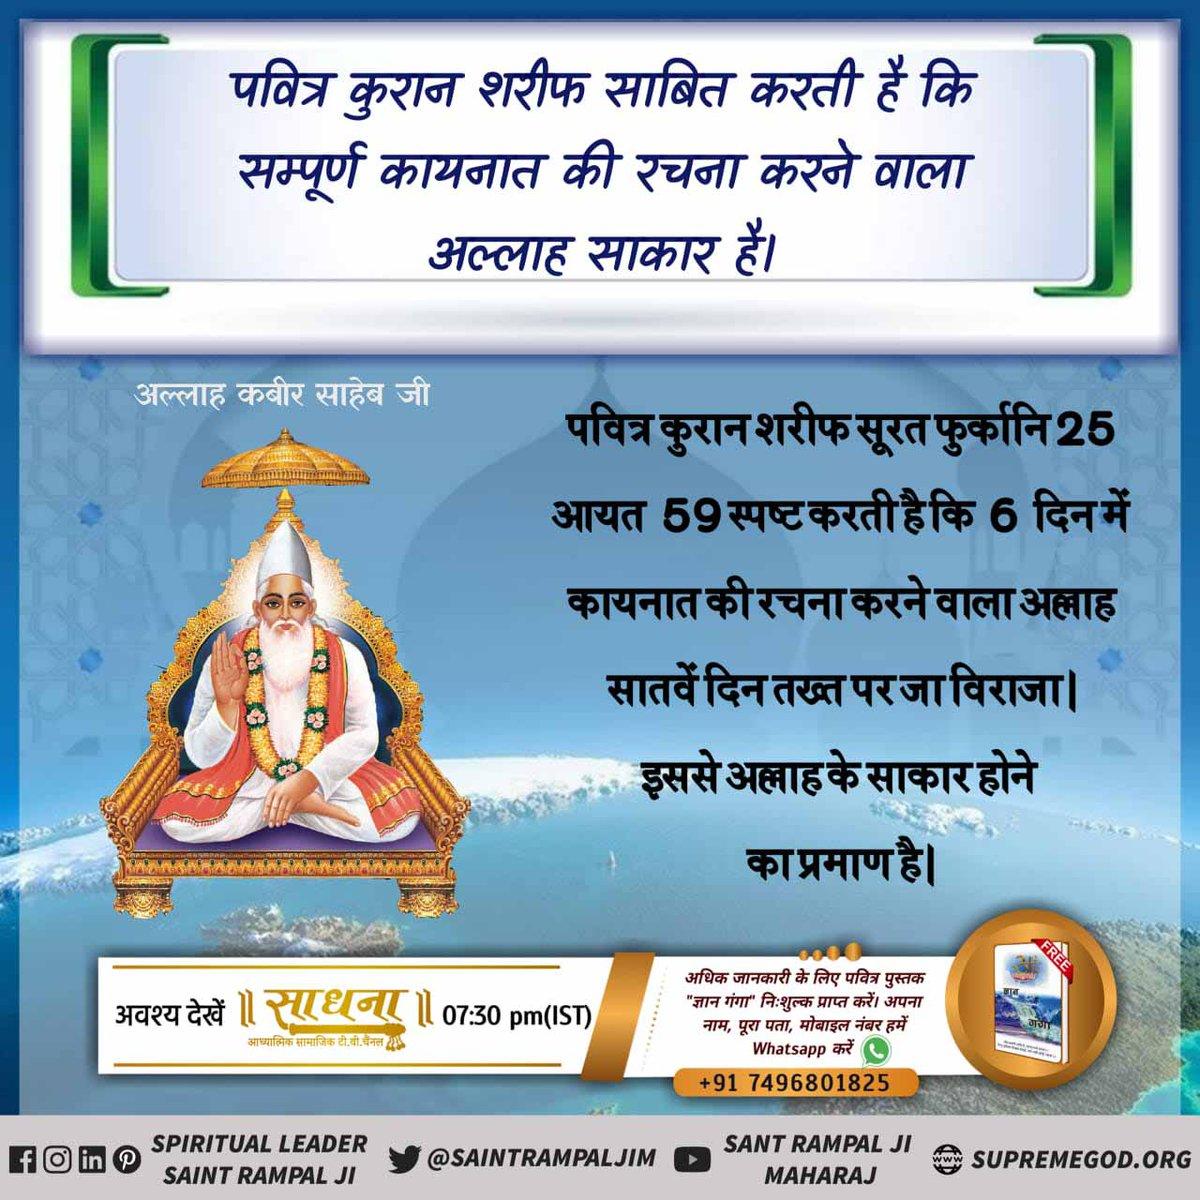 #MustListen_Satsang  परम संत रामपाल जी महाराज  जिनके आध्यत्मिक तत्वज्ञान से पूरे विश्व में सतयुग जैसा माहौल आएगा। अवश्य देखें साधना टीवी 7 30 से 8 30